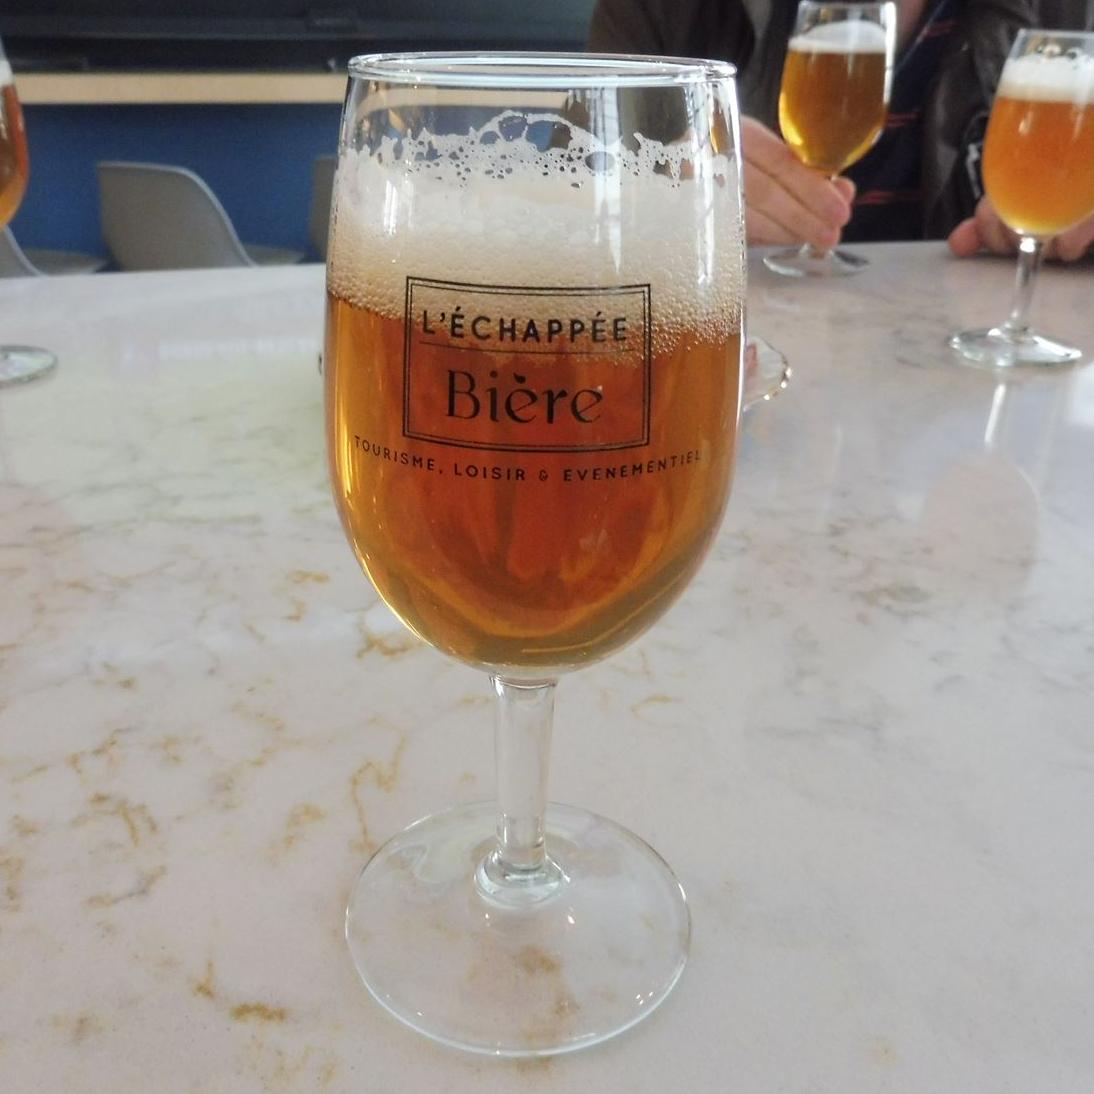 L'échappée bière - Bordeaux - Lili LaRochelle à Bordeaux